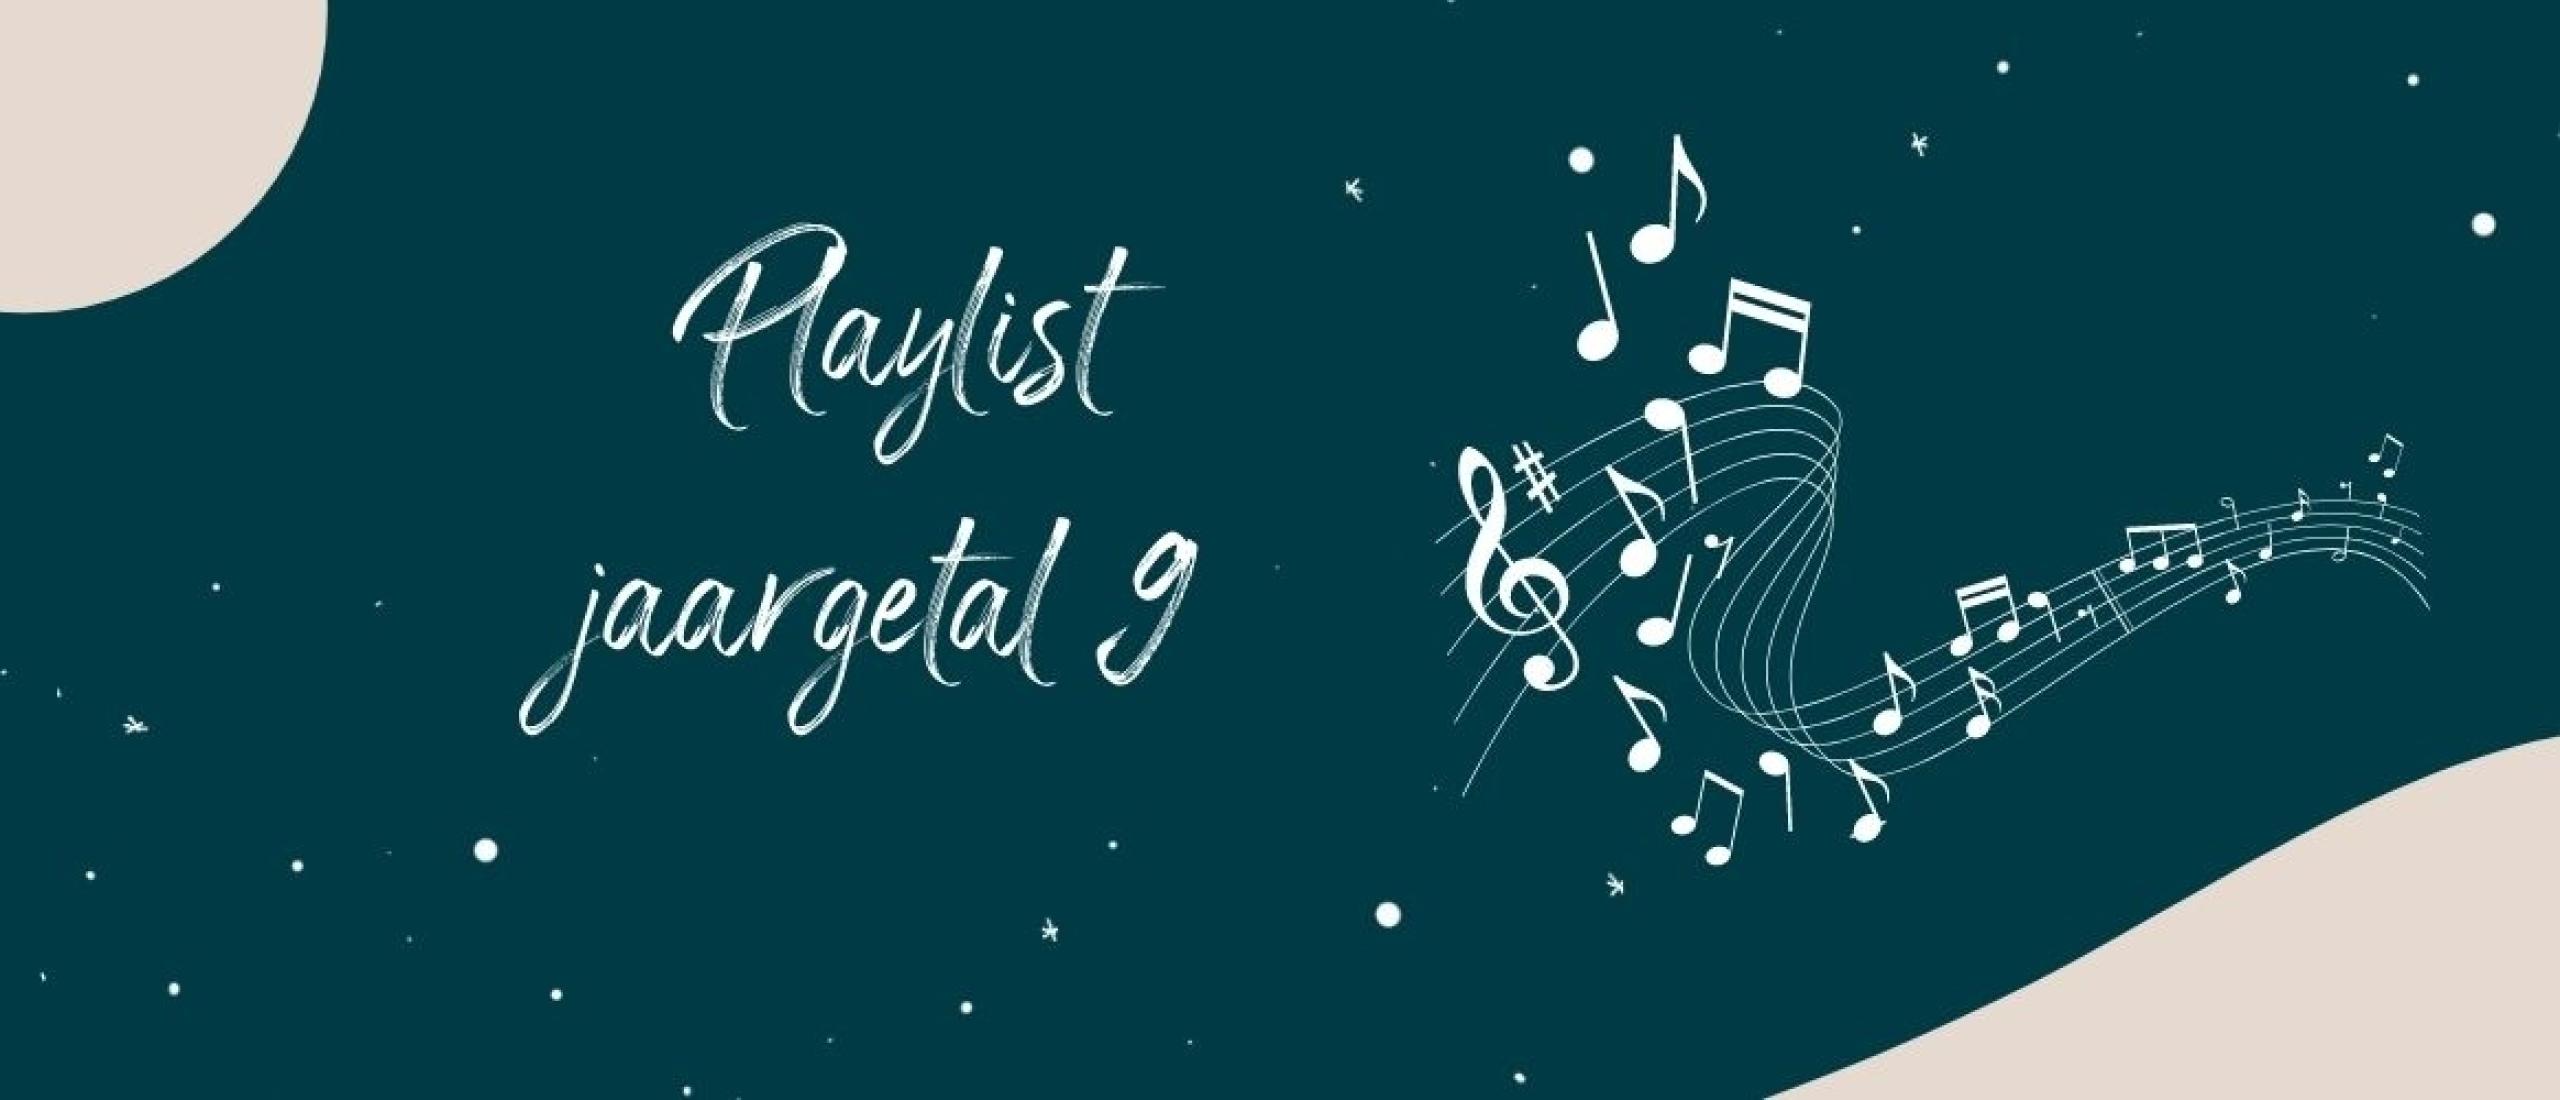 Playlist voor jaargetal 9